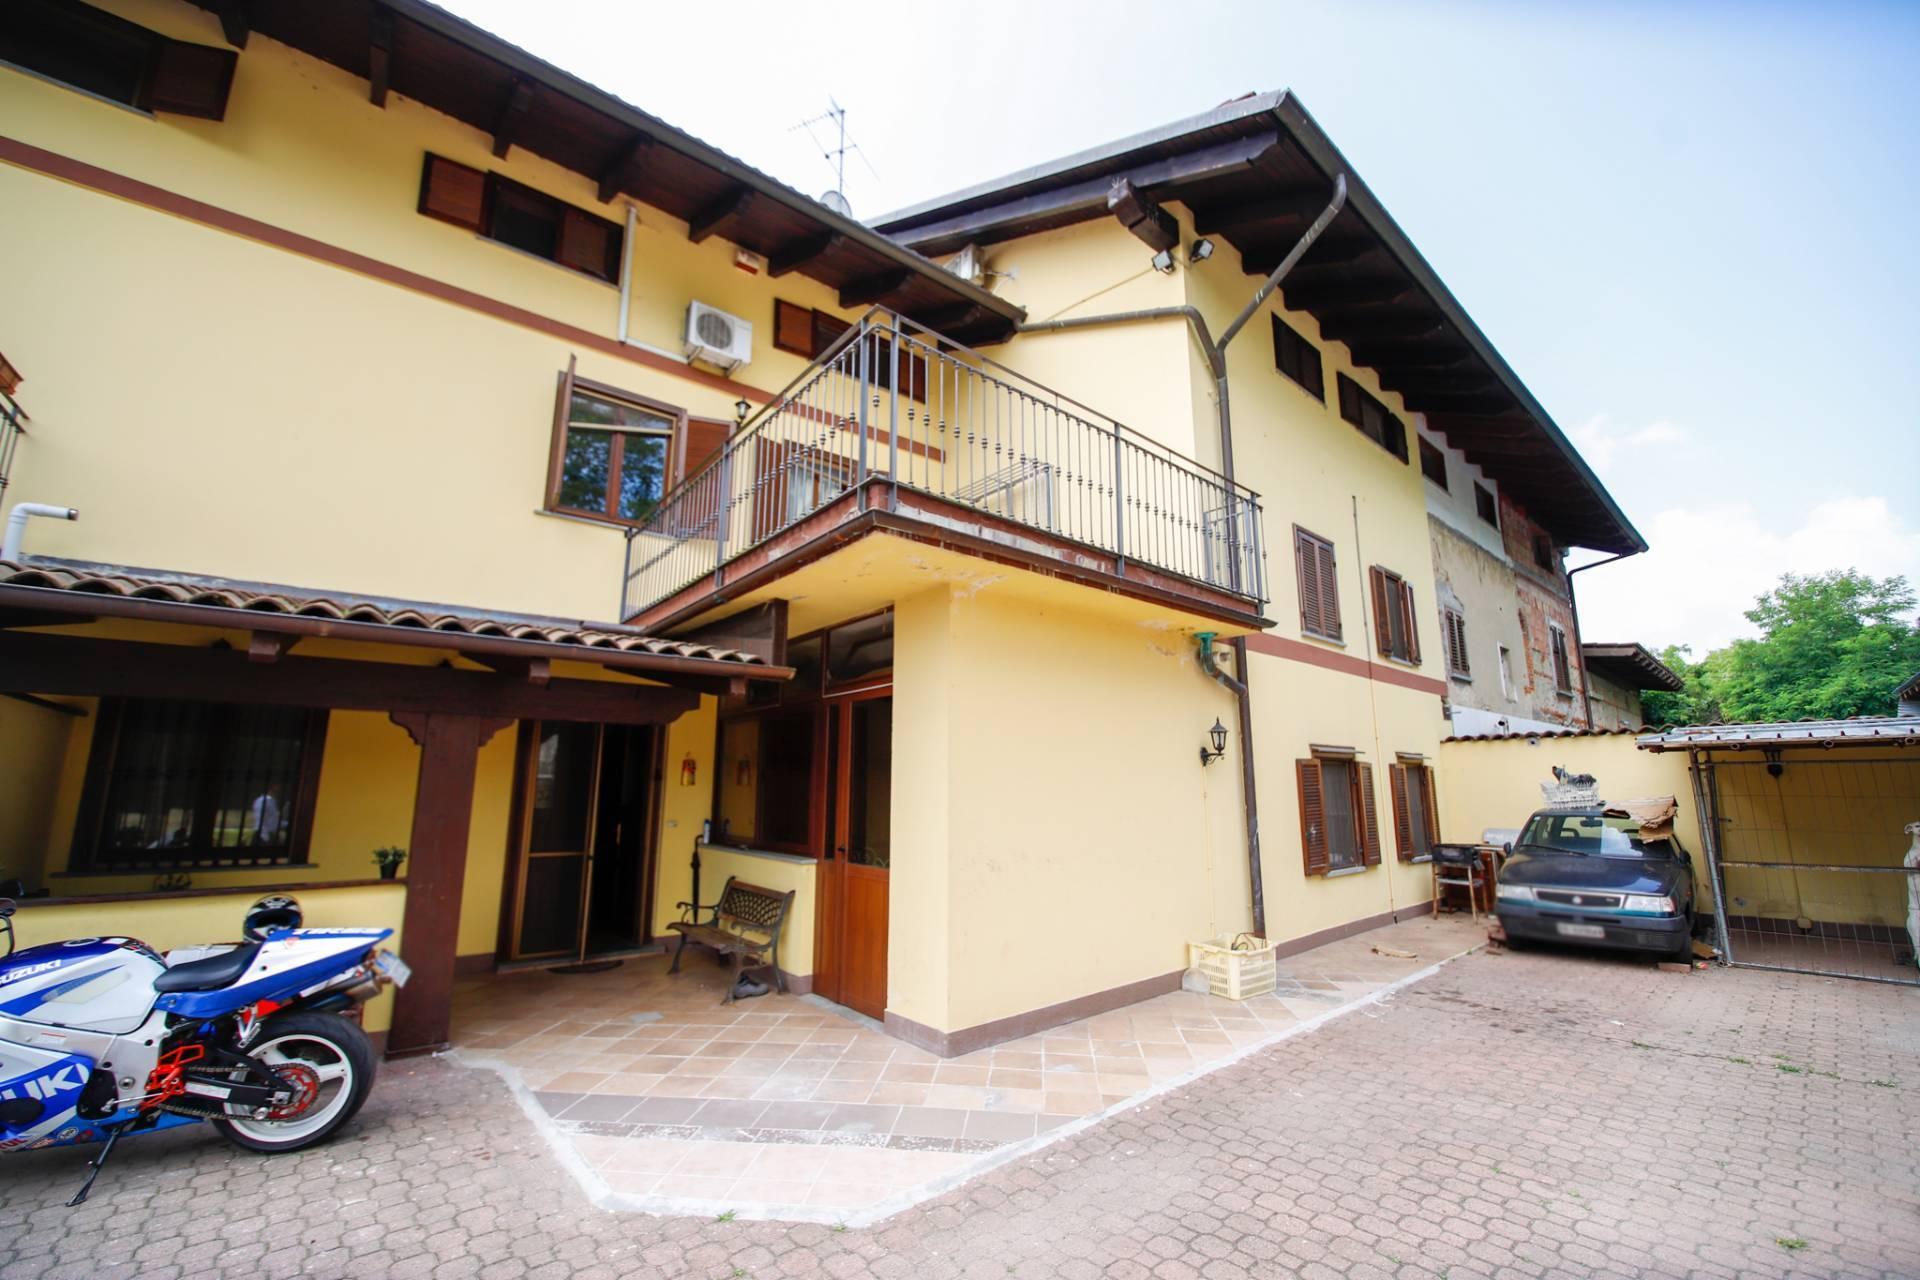 Soluzione Semindipendente in vendita a Caselle Torinese, 6 locali, prezzo € 179.000 | CambioCasa.it